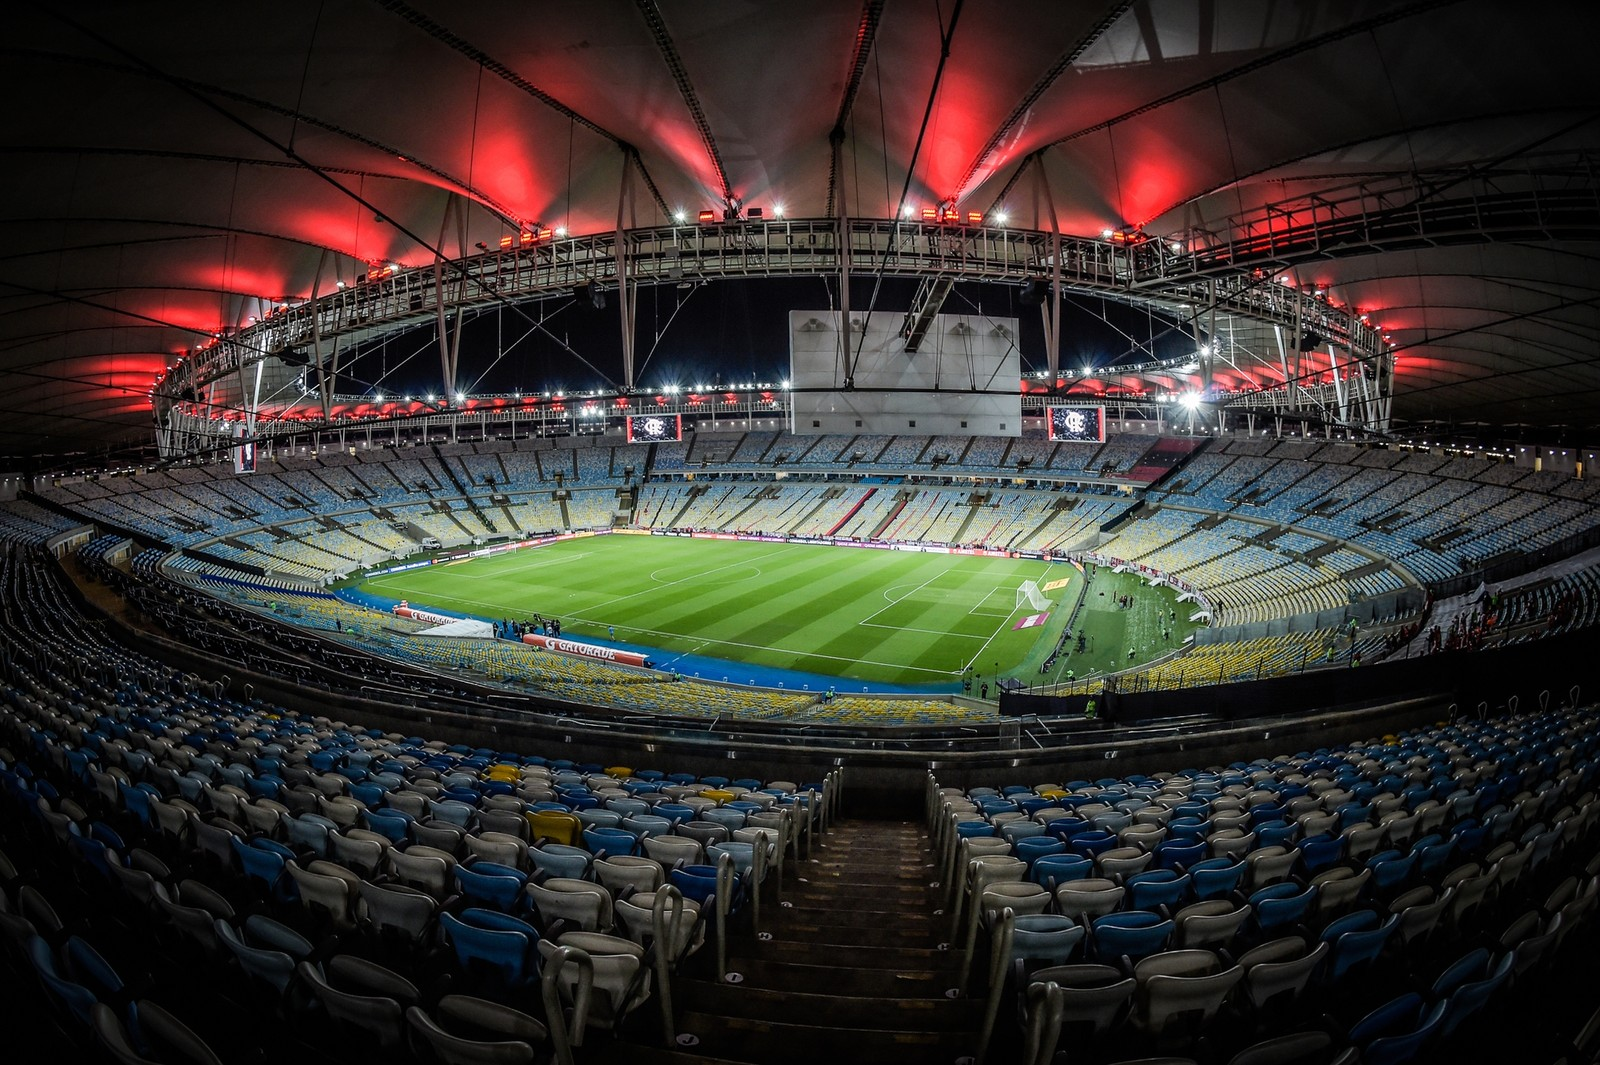 Flamengo lucra R 40 mi à frente do Maracanã e reforça convicção por licitação: Vamos participar